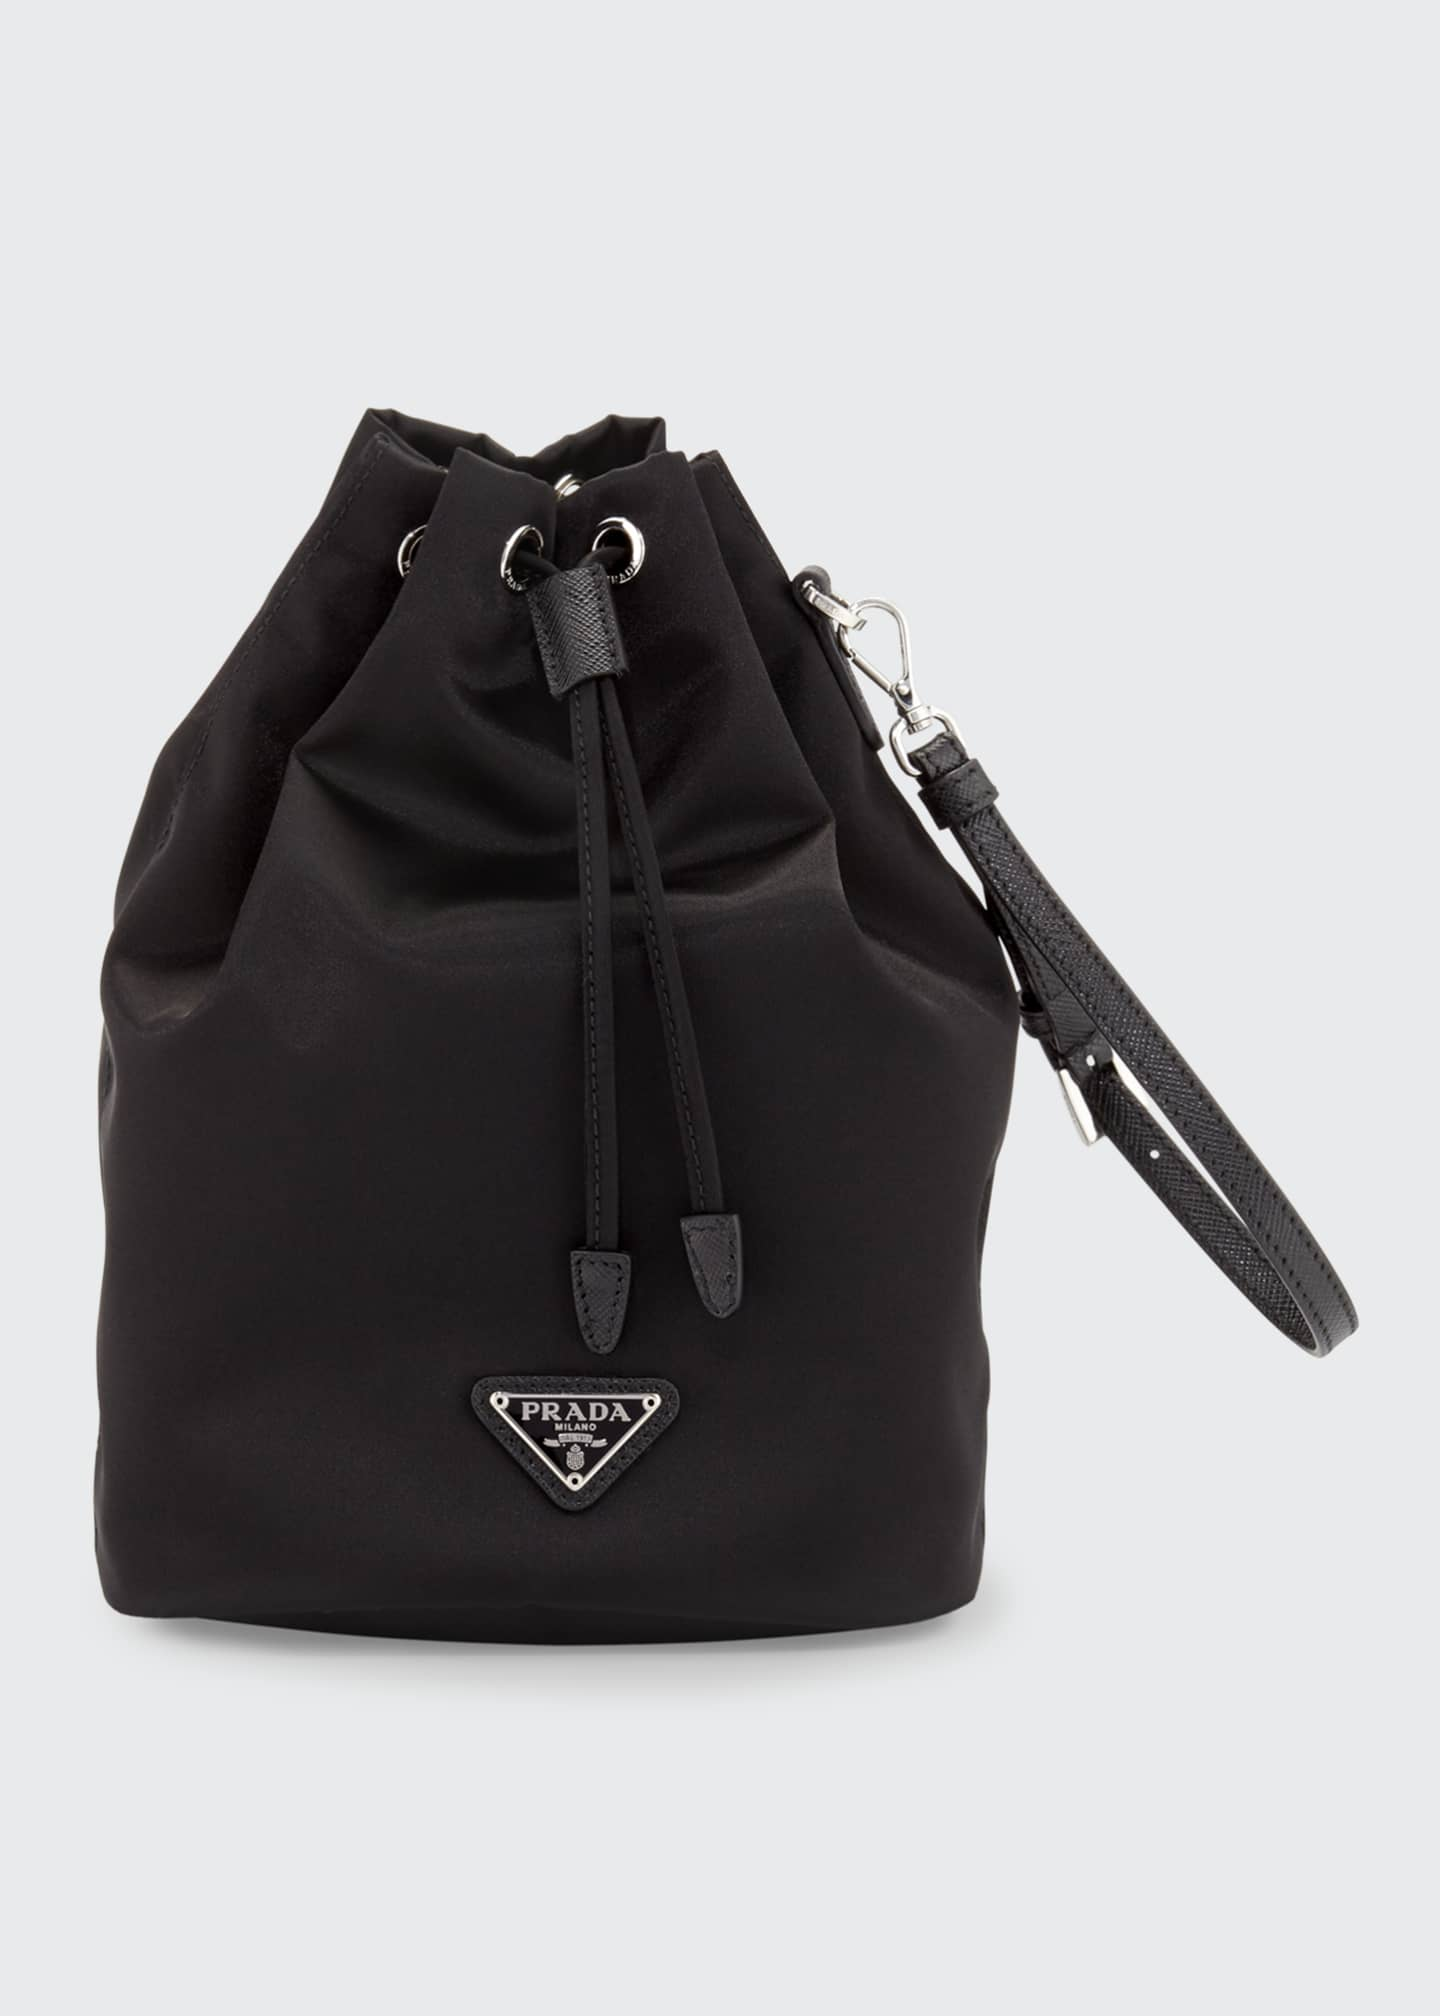 Prada Nylon Bucket Bag